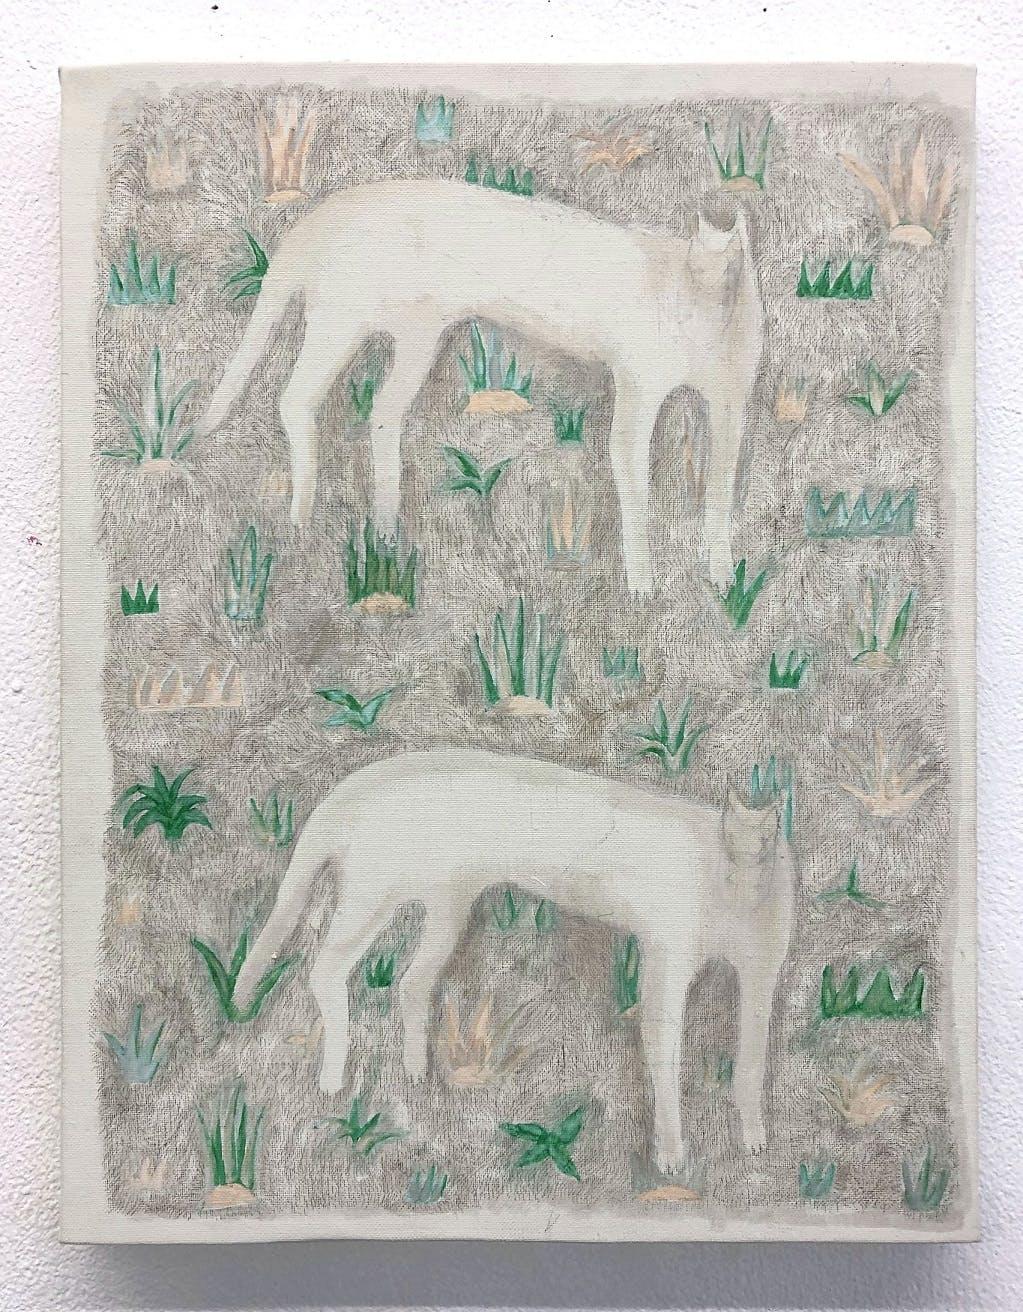 原っぱ模様とネコ/Cats, Meadows pattern